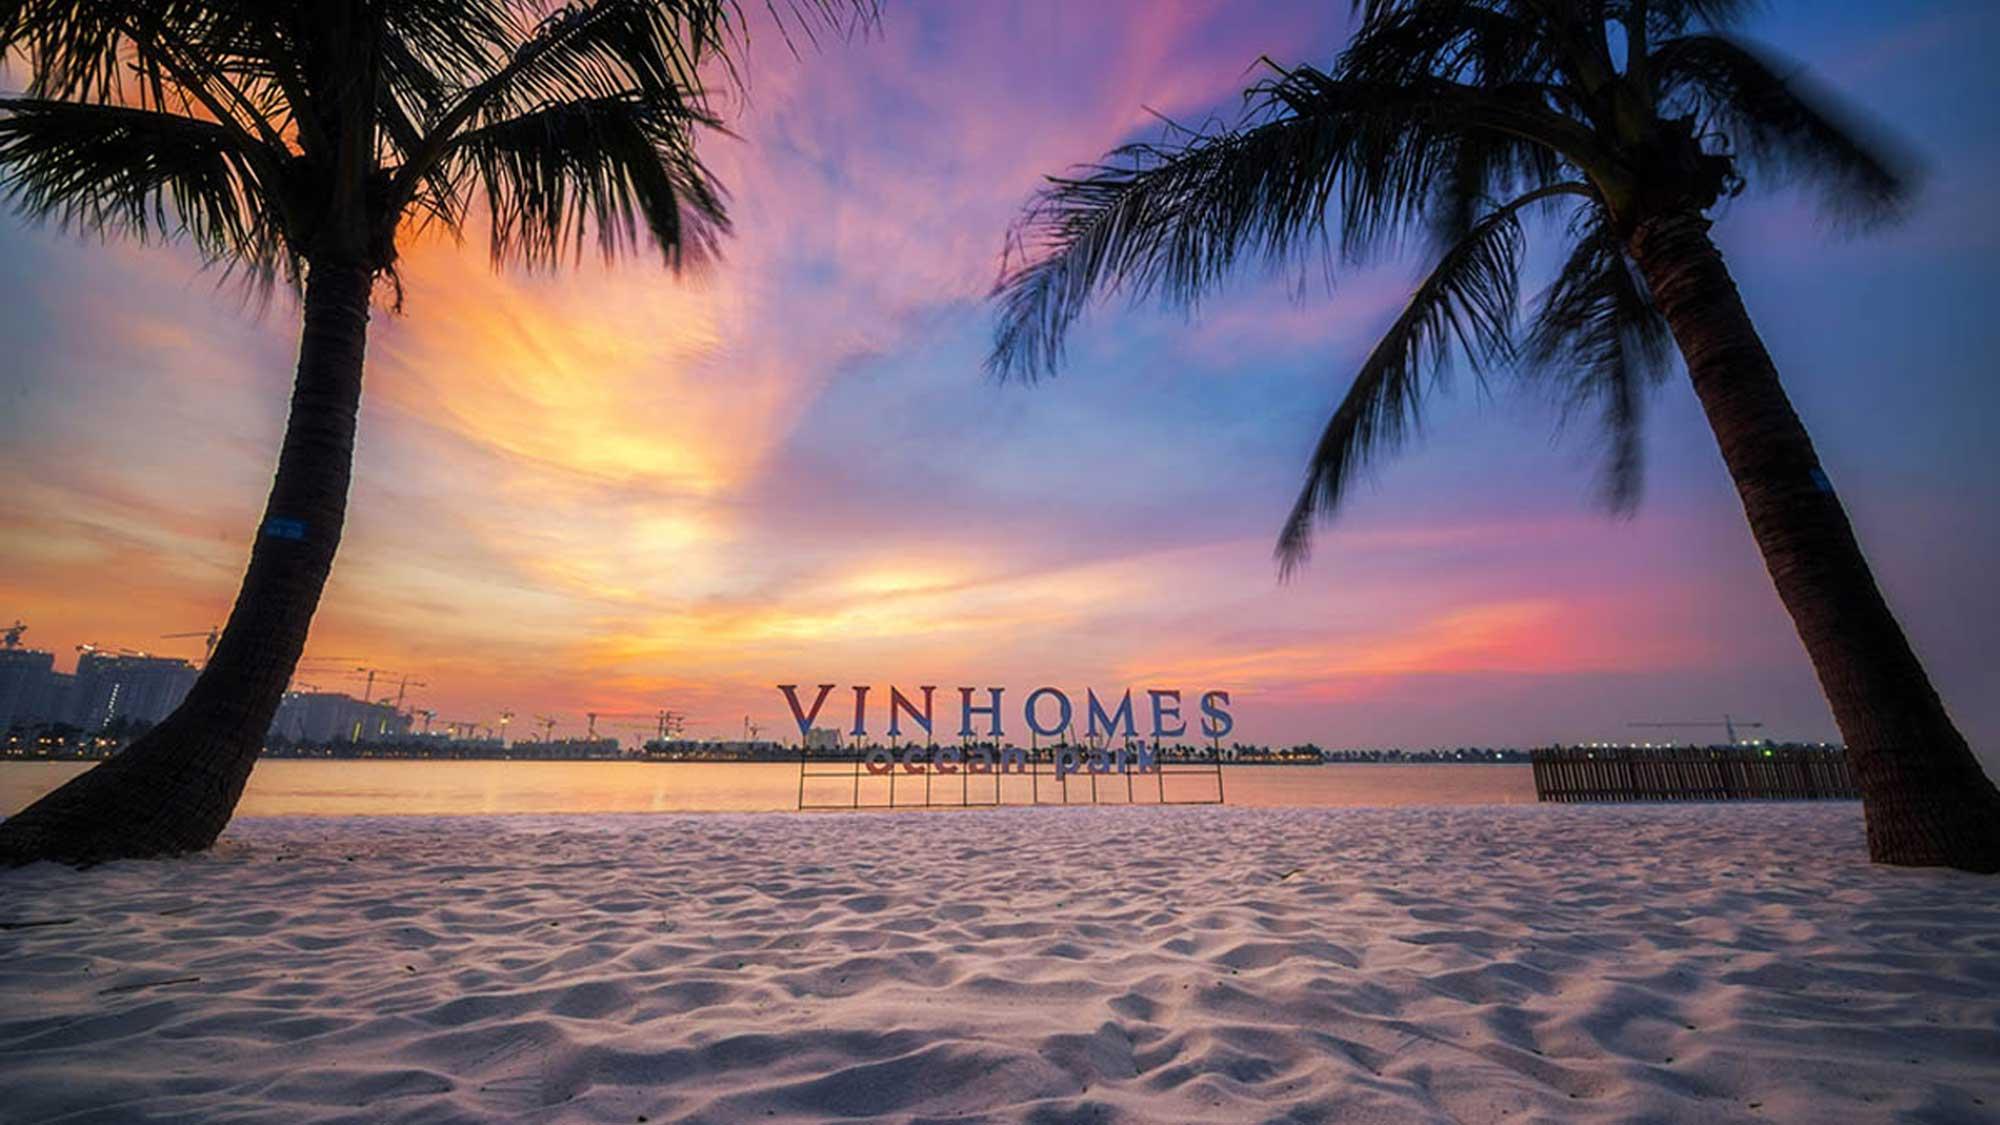 Vinhomes-ocean-park-slice-02